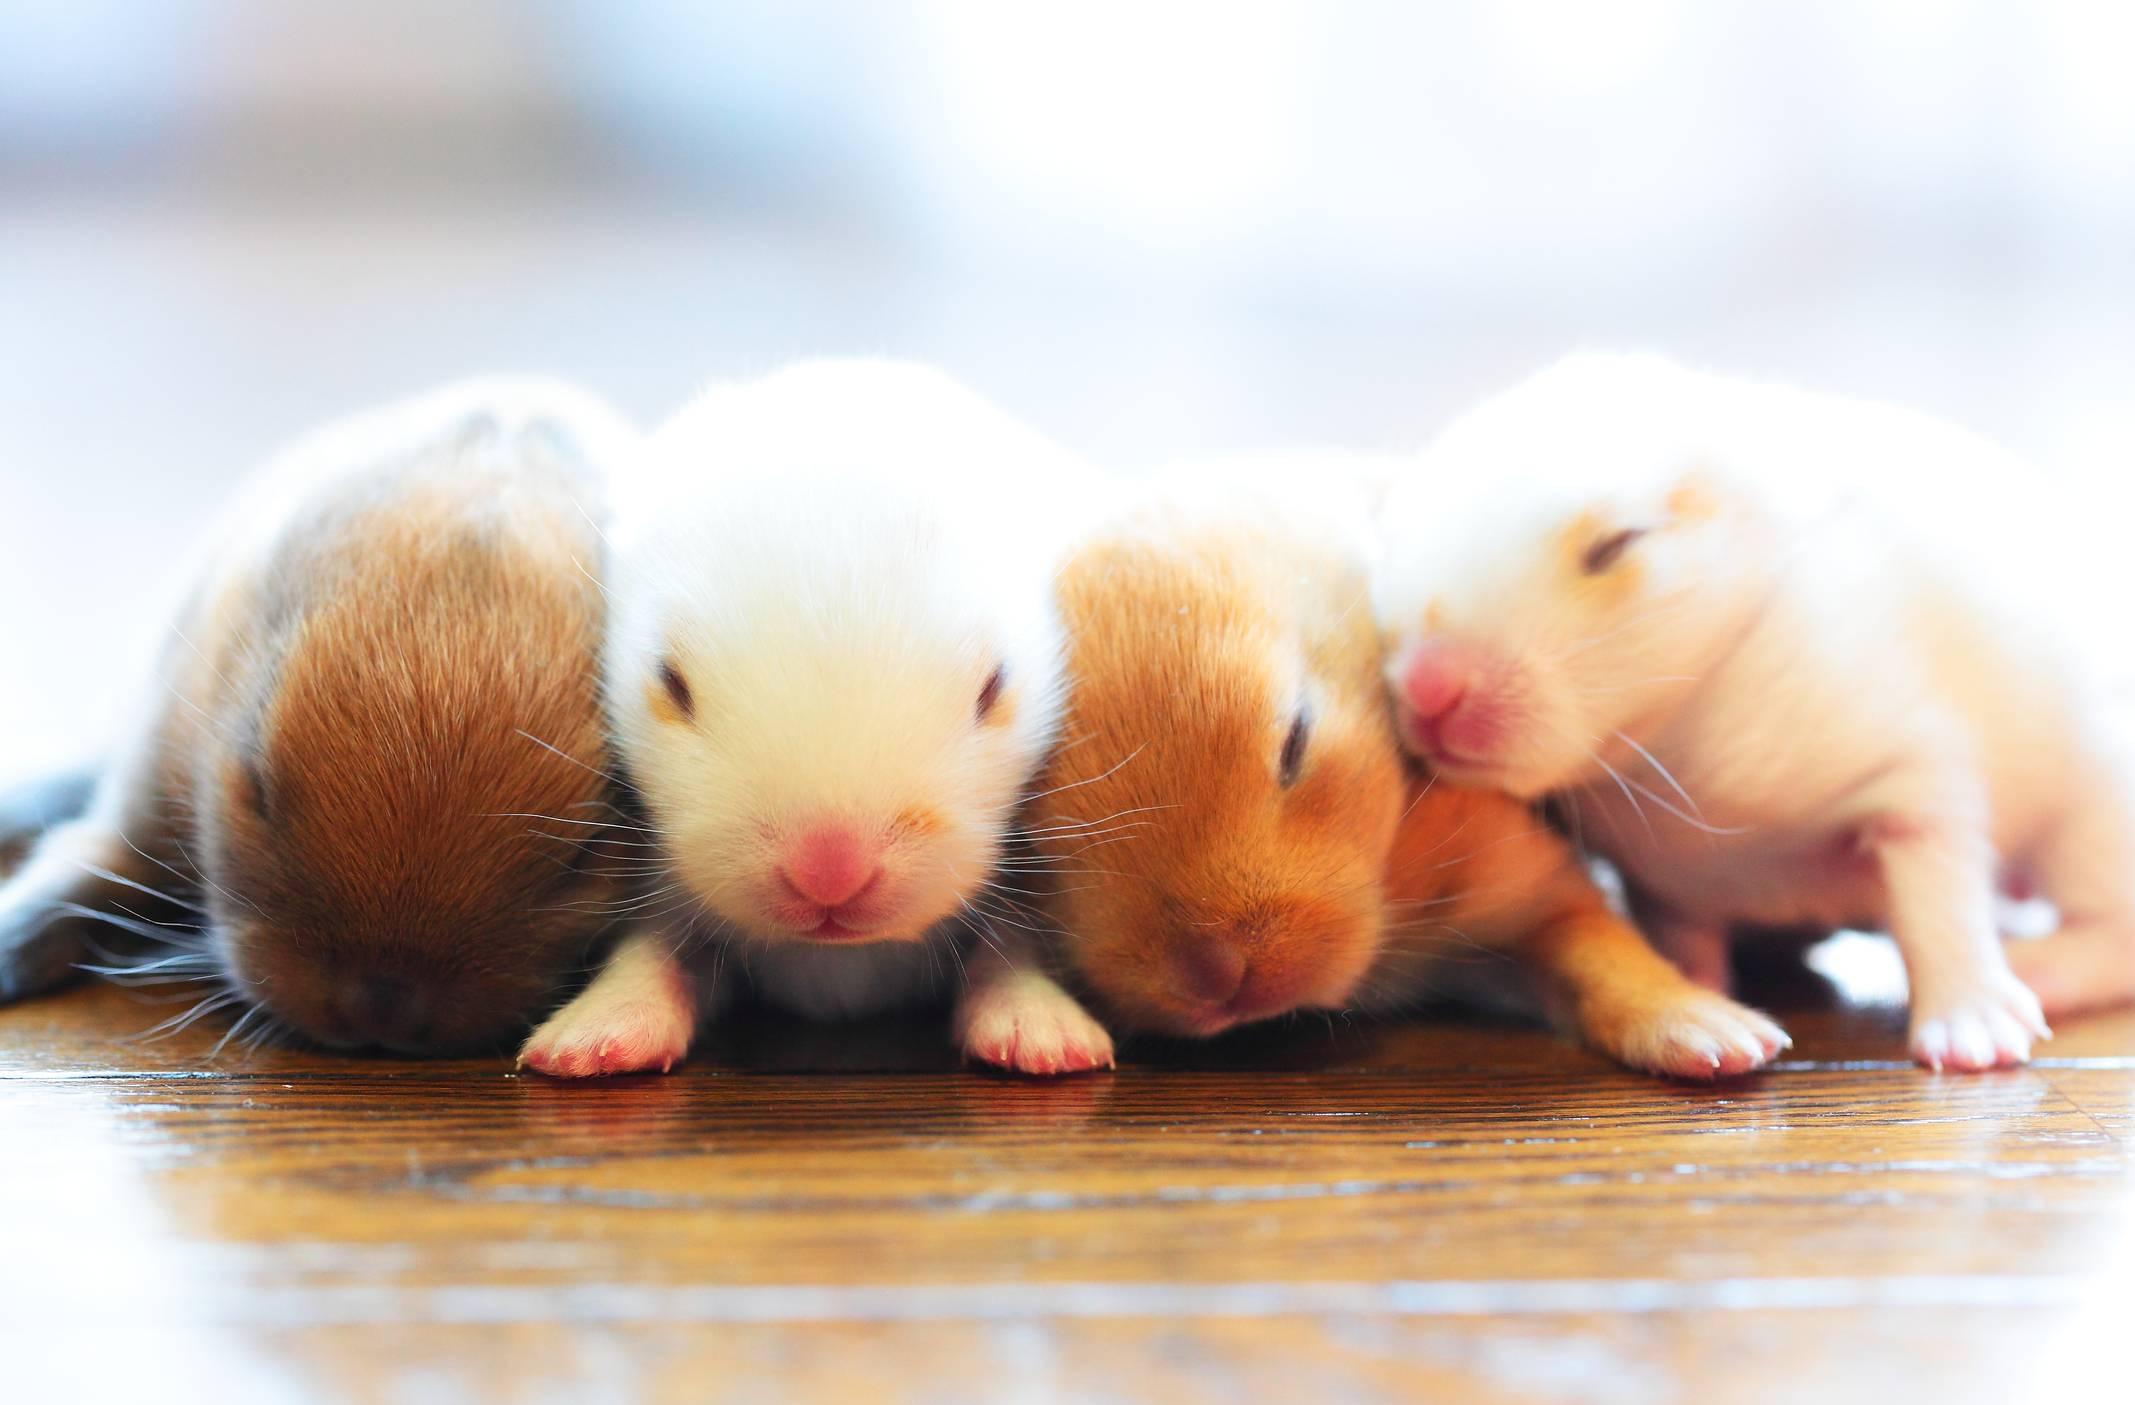 Декоративные кролики, уход и кормление как залог здоровья